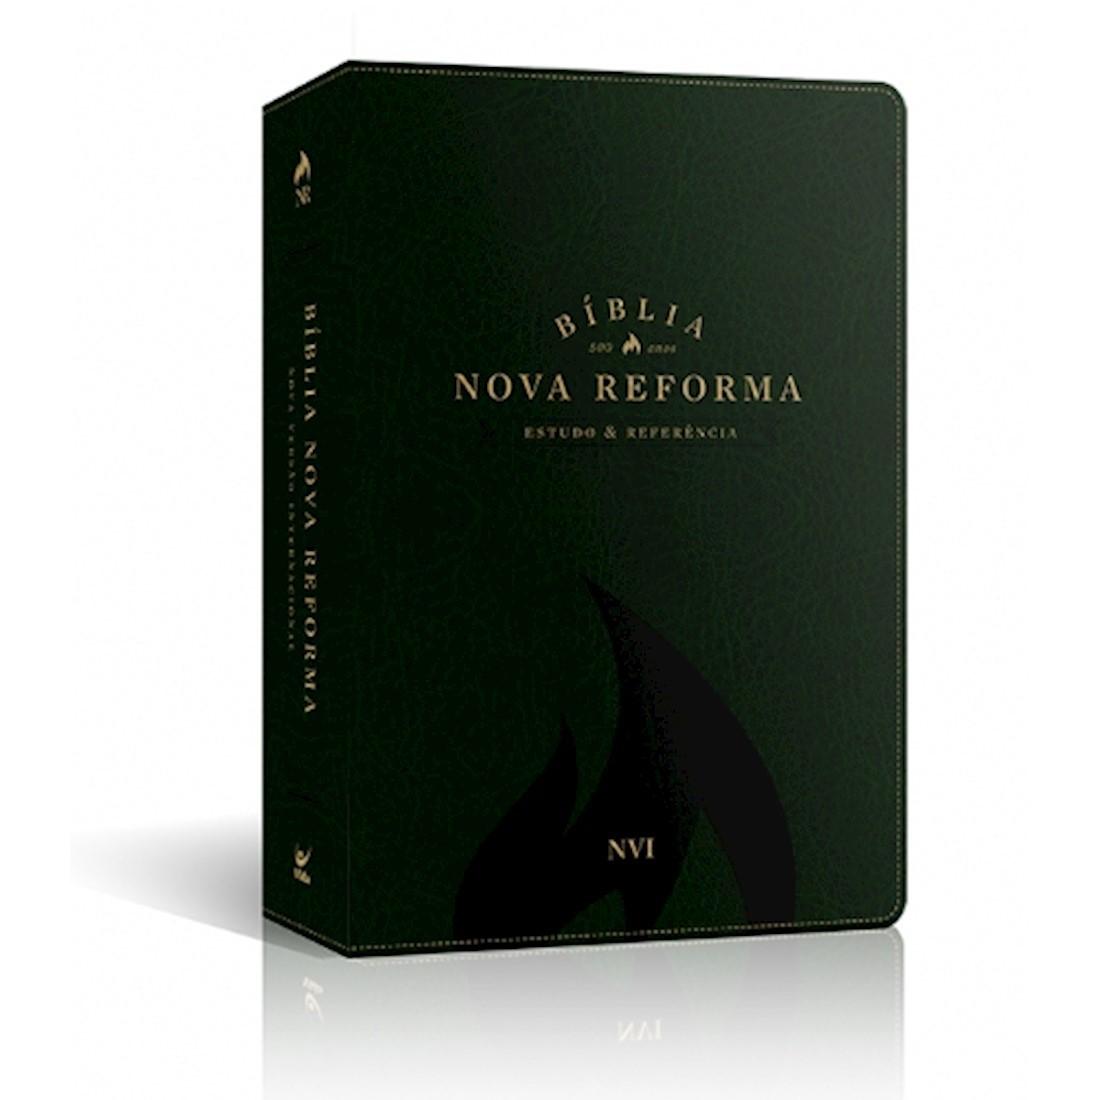 Bíblia Nova Reforma NVI